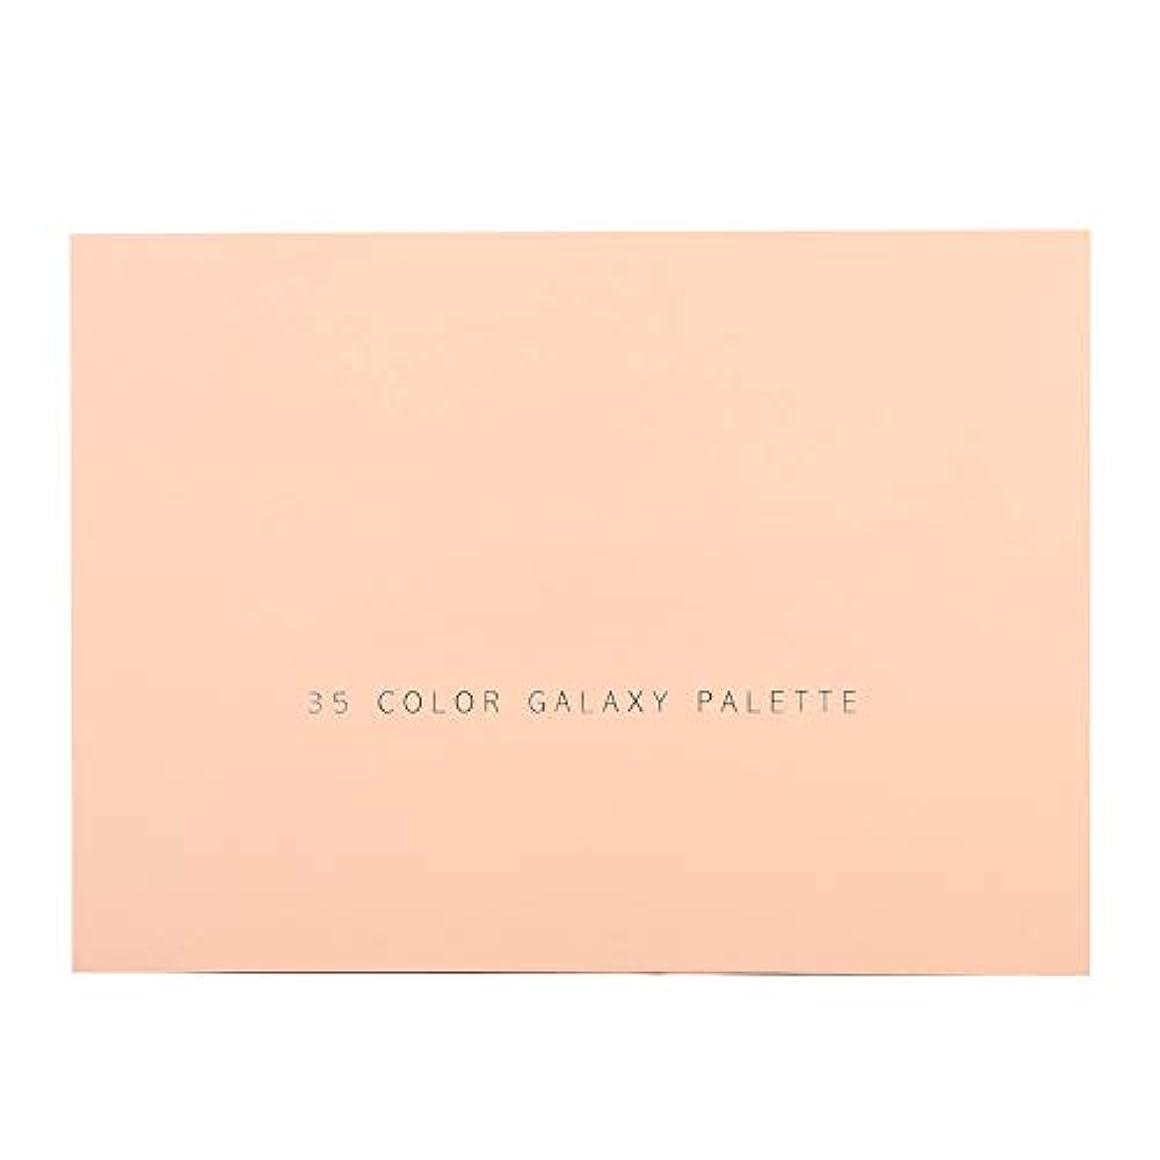 できる進化する落ち着いた35色キラキラマットアイシャドーパレット簡単に適用するアイシャドー化粧品メイクアップパウダー(ピンク)